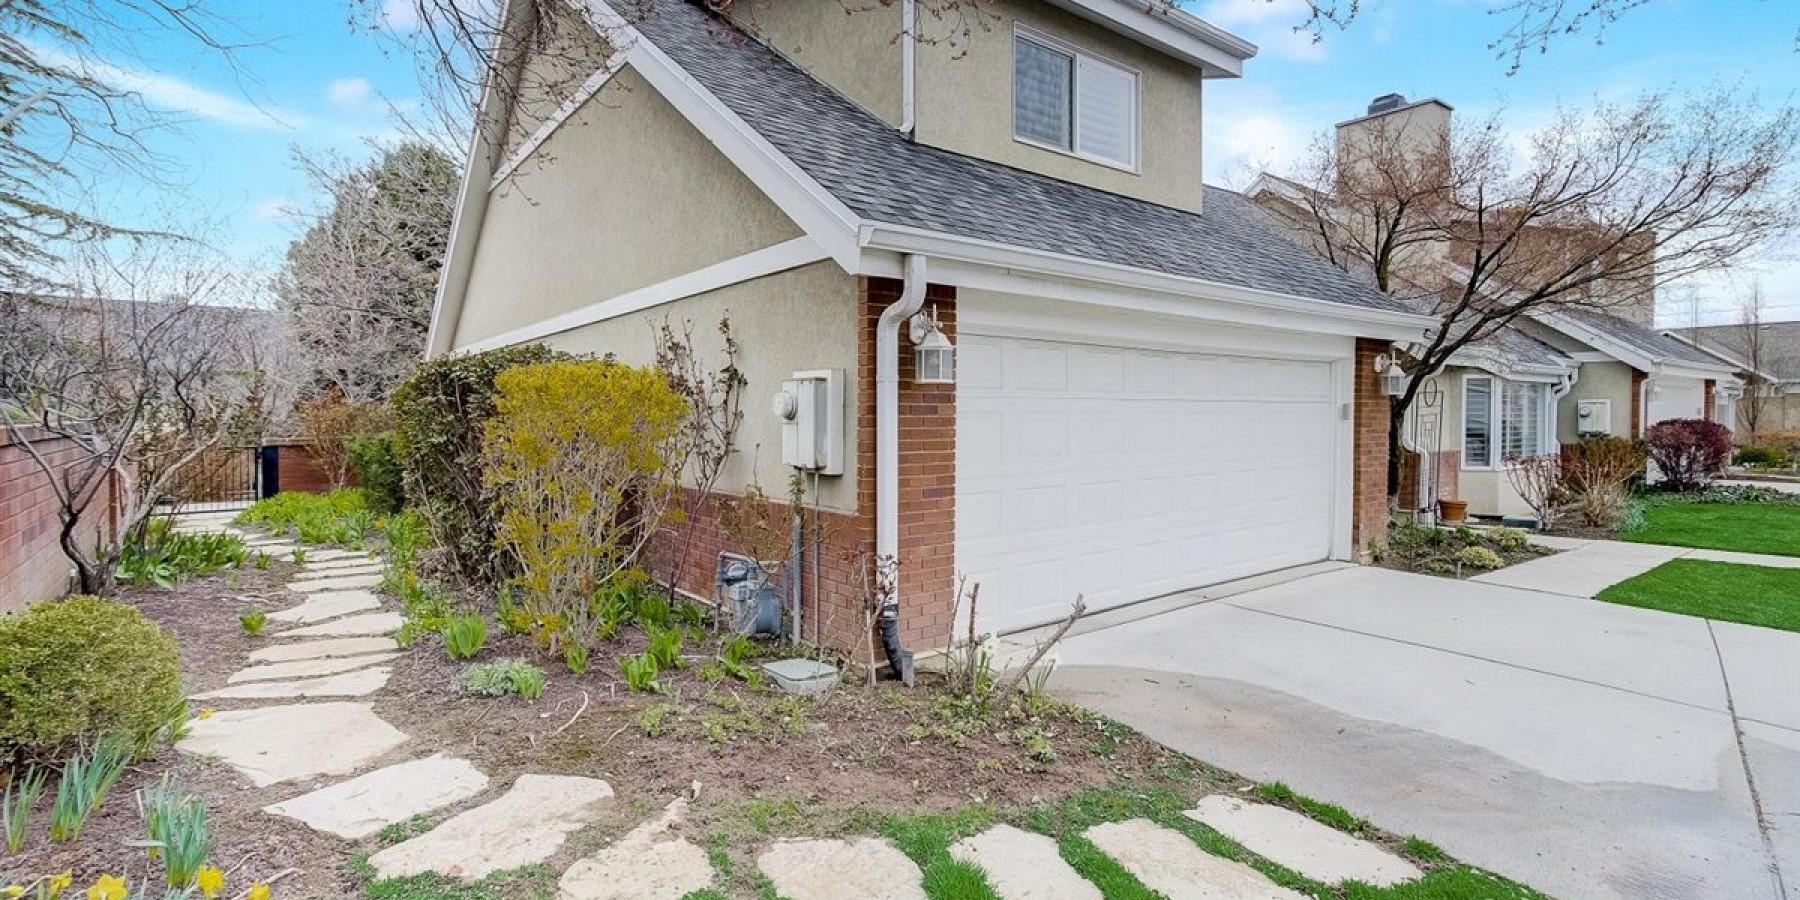 2090 E. Sierra View Circle, Salt Lake City, UT 84109